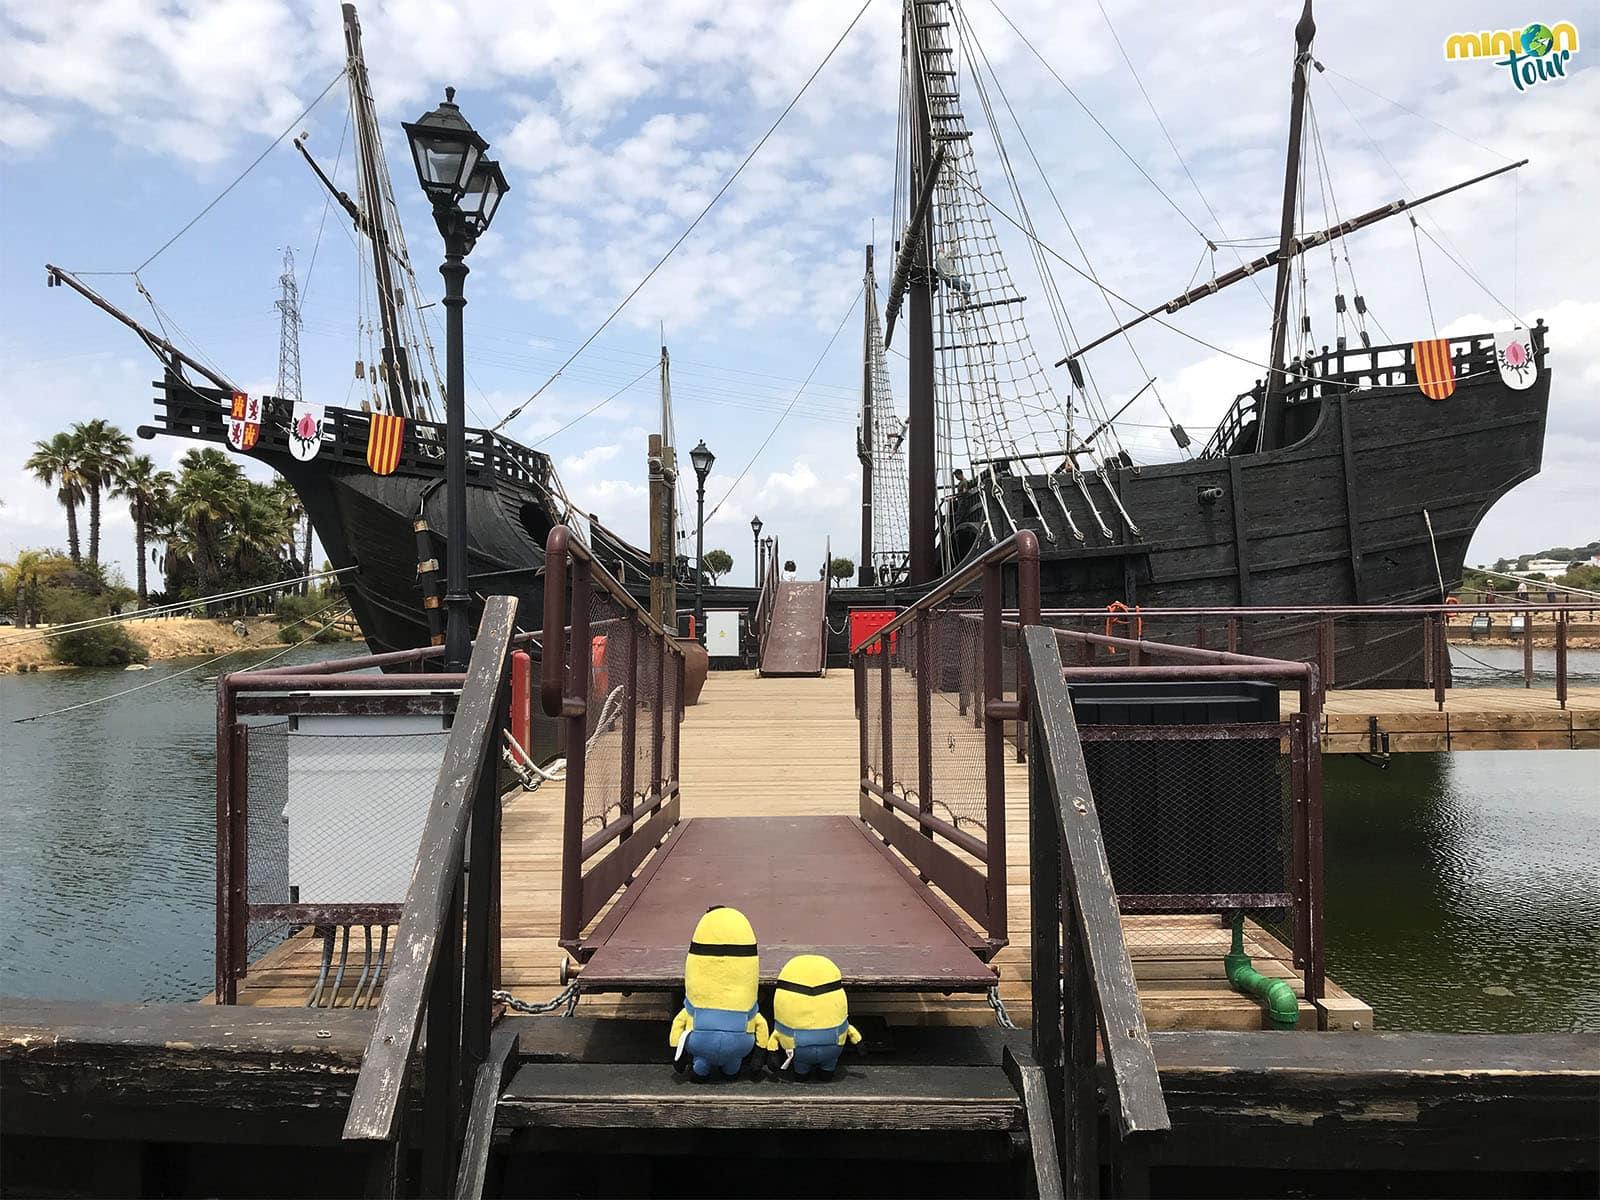 Entrando a uno de los barcos